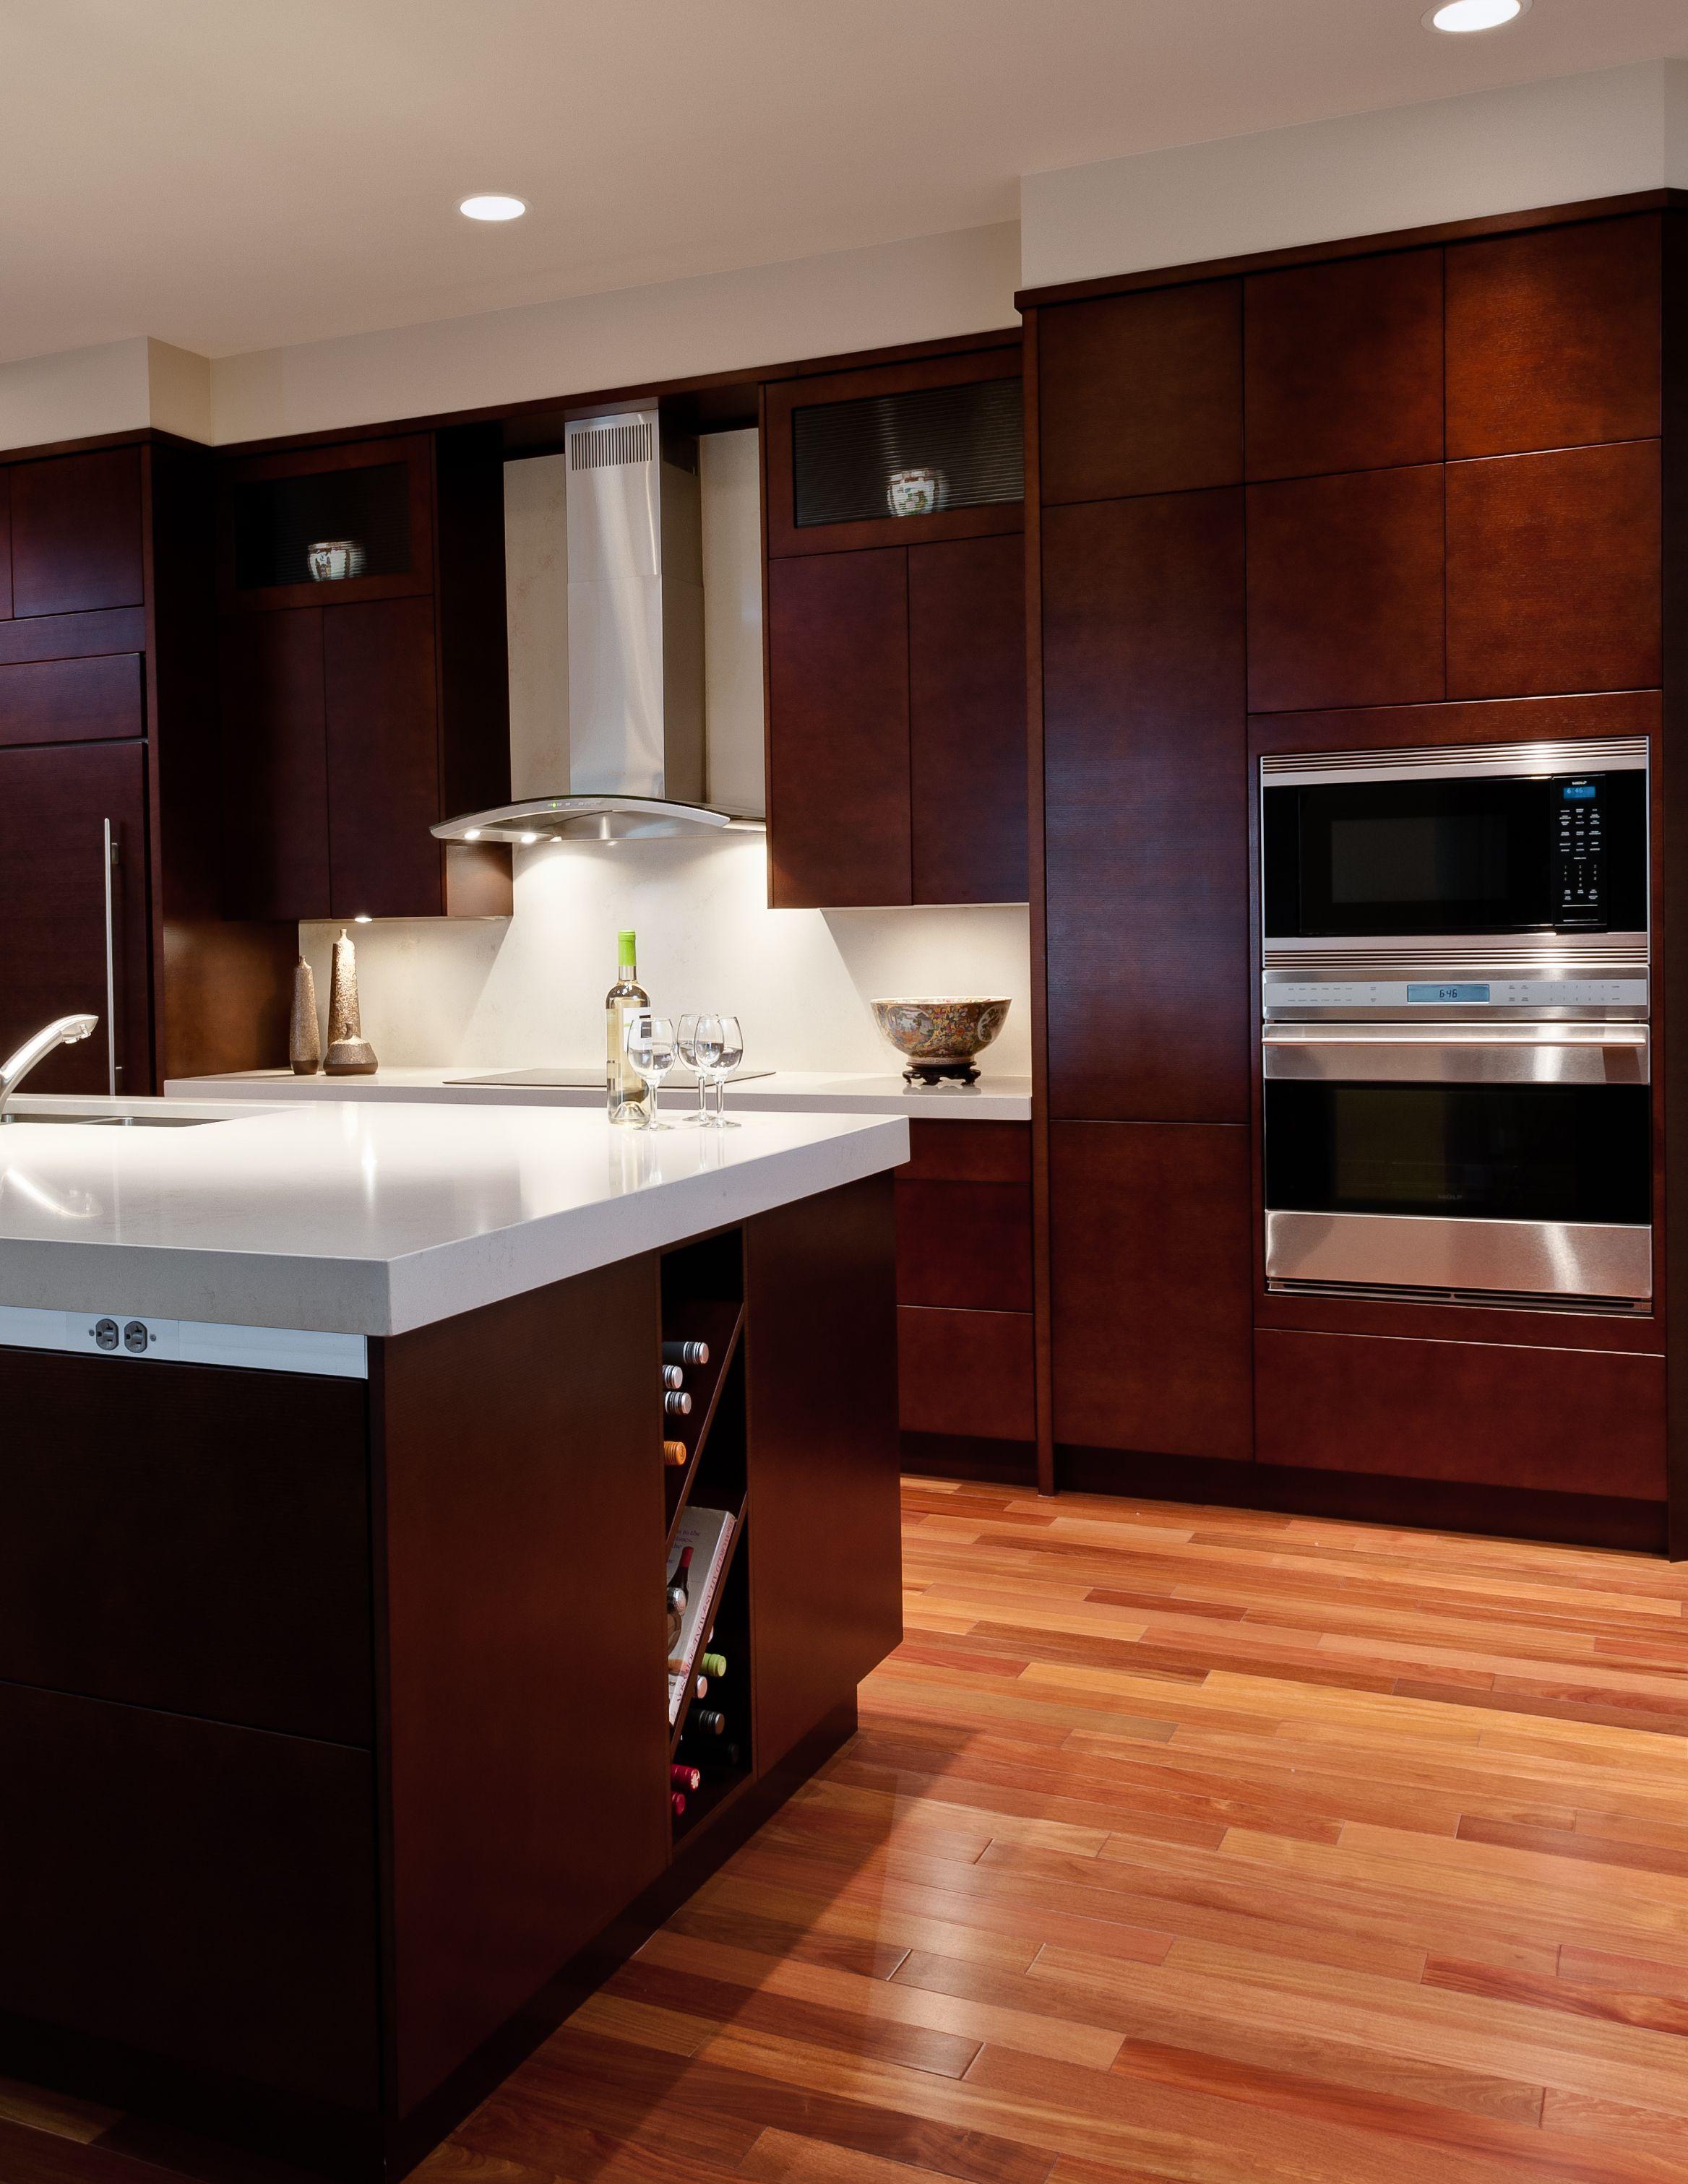 Contemporary kitchen high rise Annapolis condo Portfolio